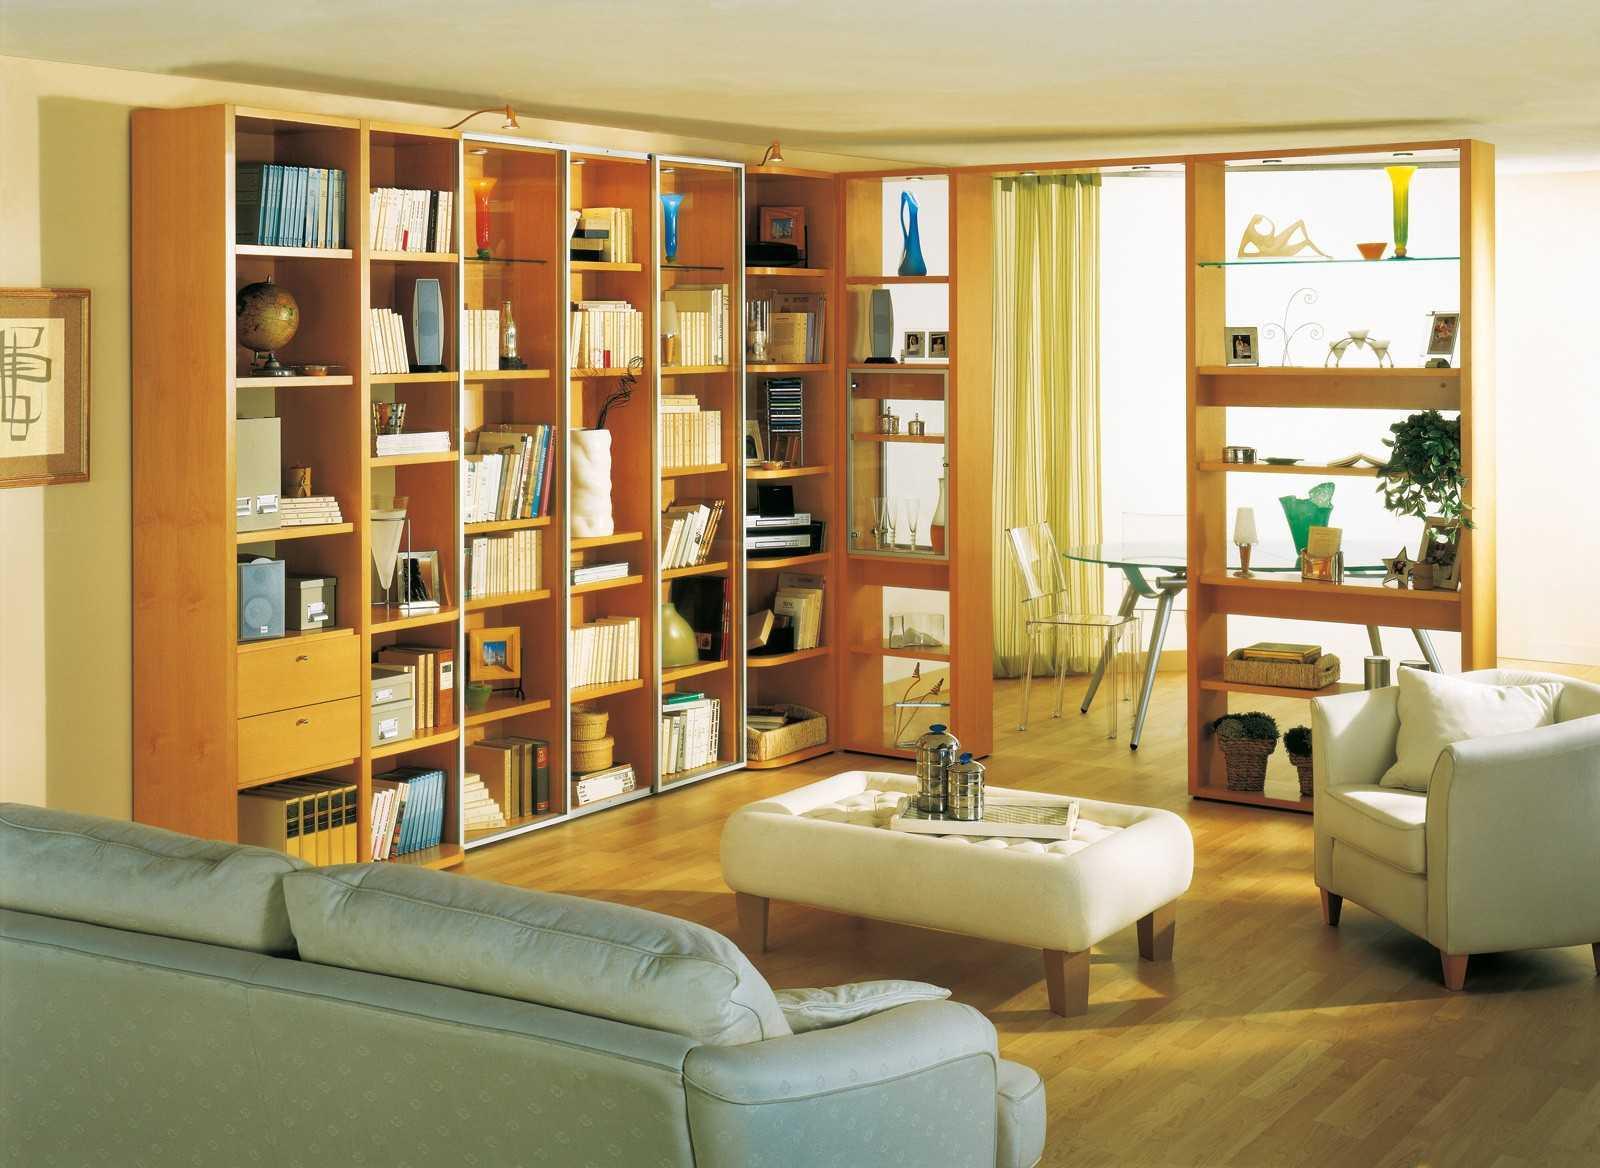 biblioth que s paration de pi ces la maison des. Black Bedroom Furniture Sets. Home Design Ideas